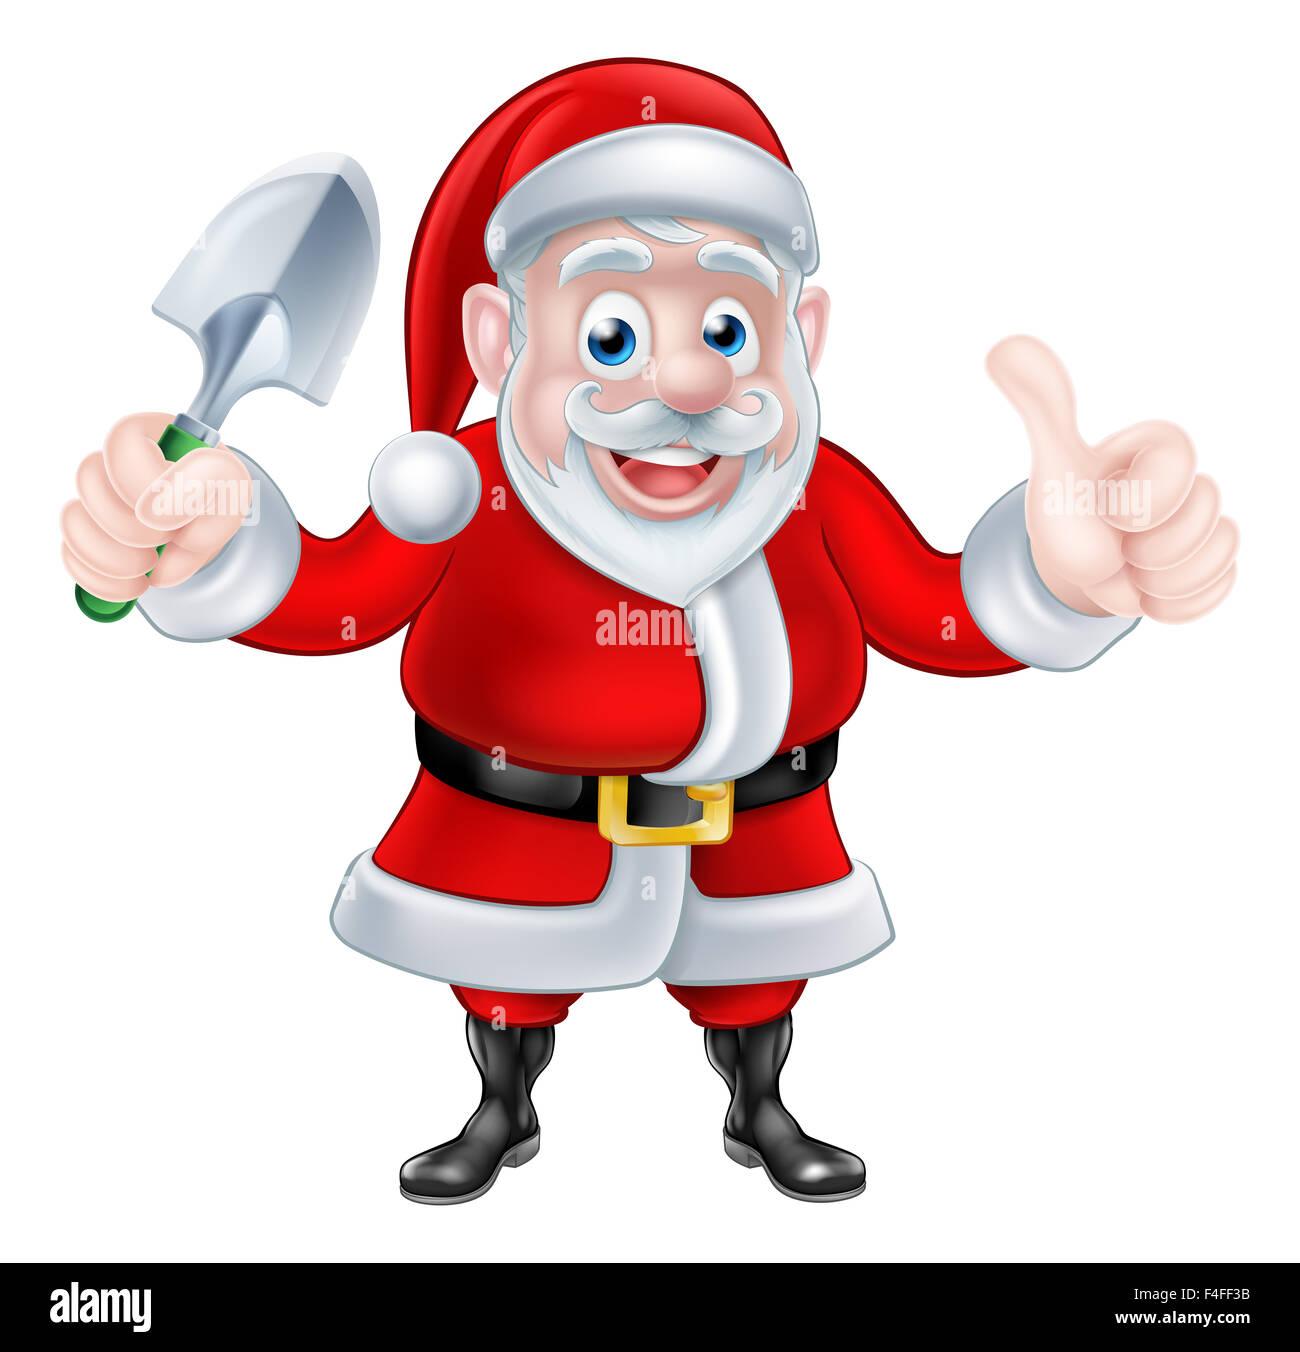 Weihnachten Cartoon Weihnachtsmann Holding Gartenarbeit Kelle Spaten ...